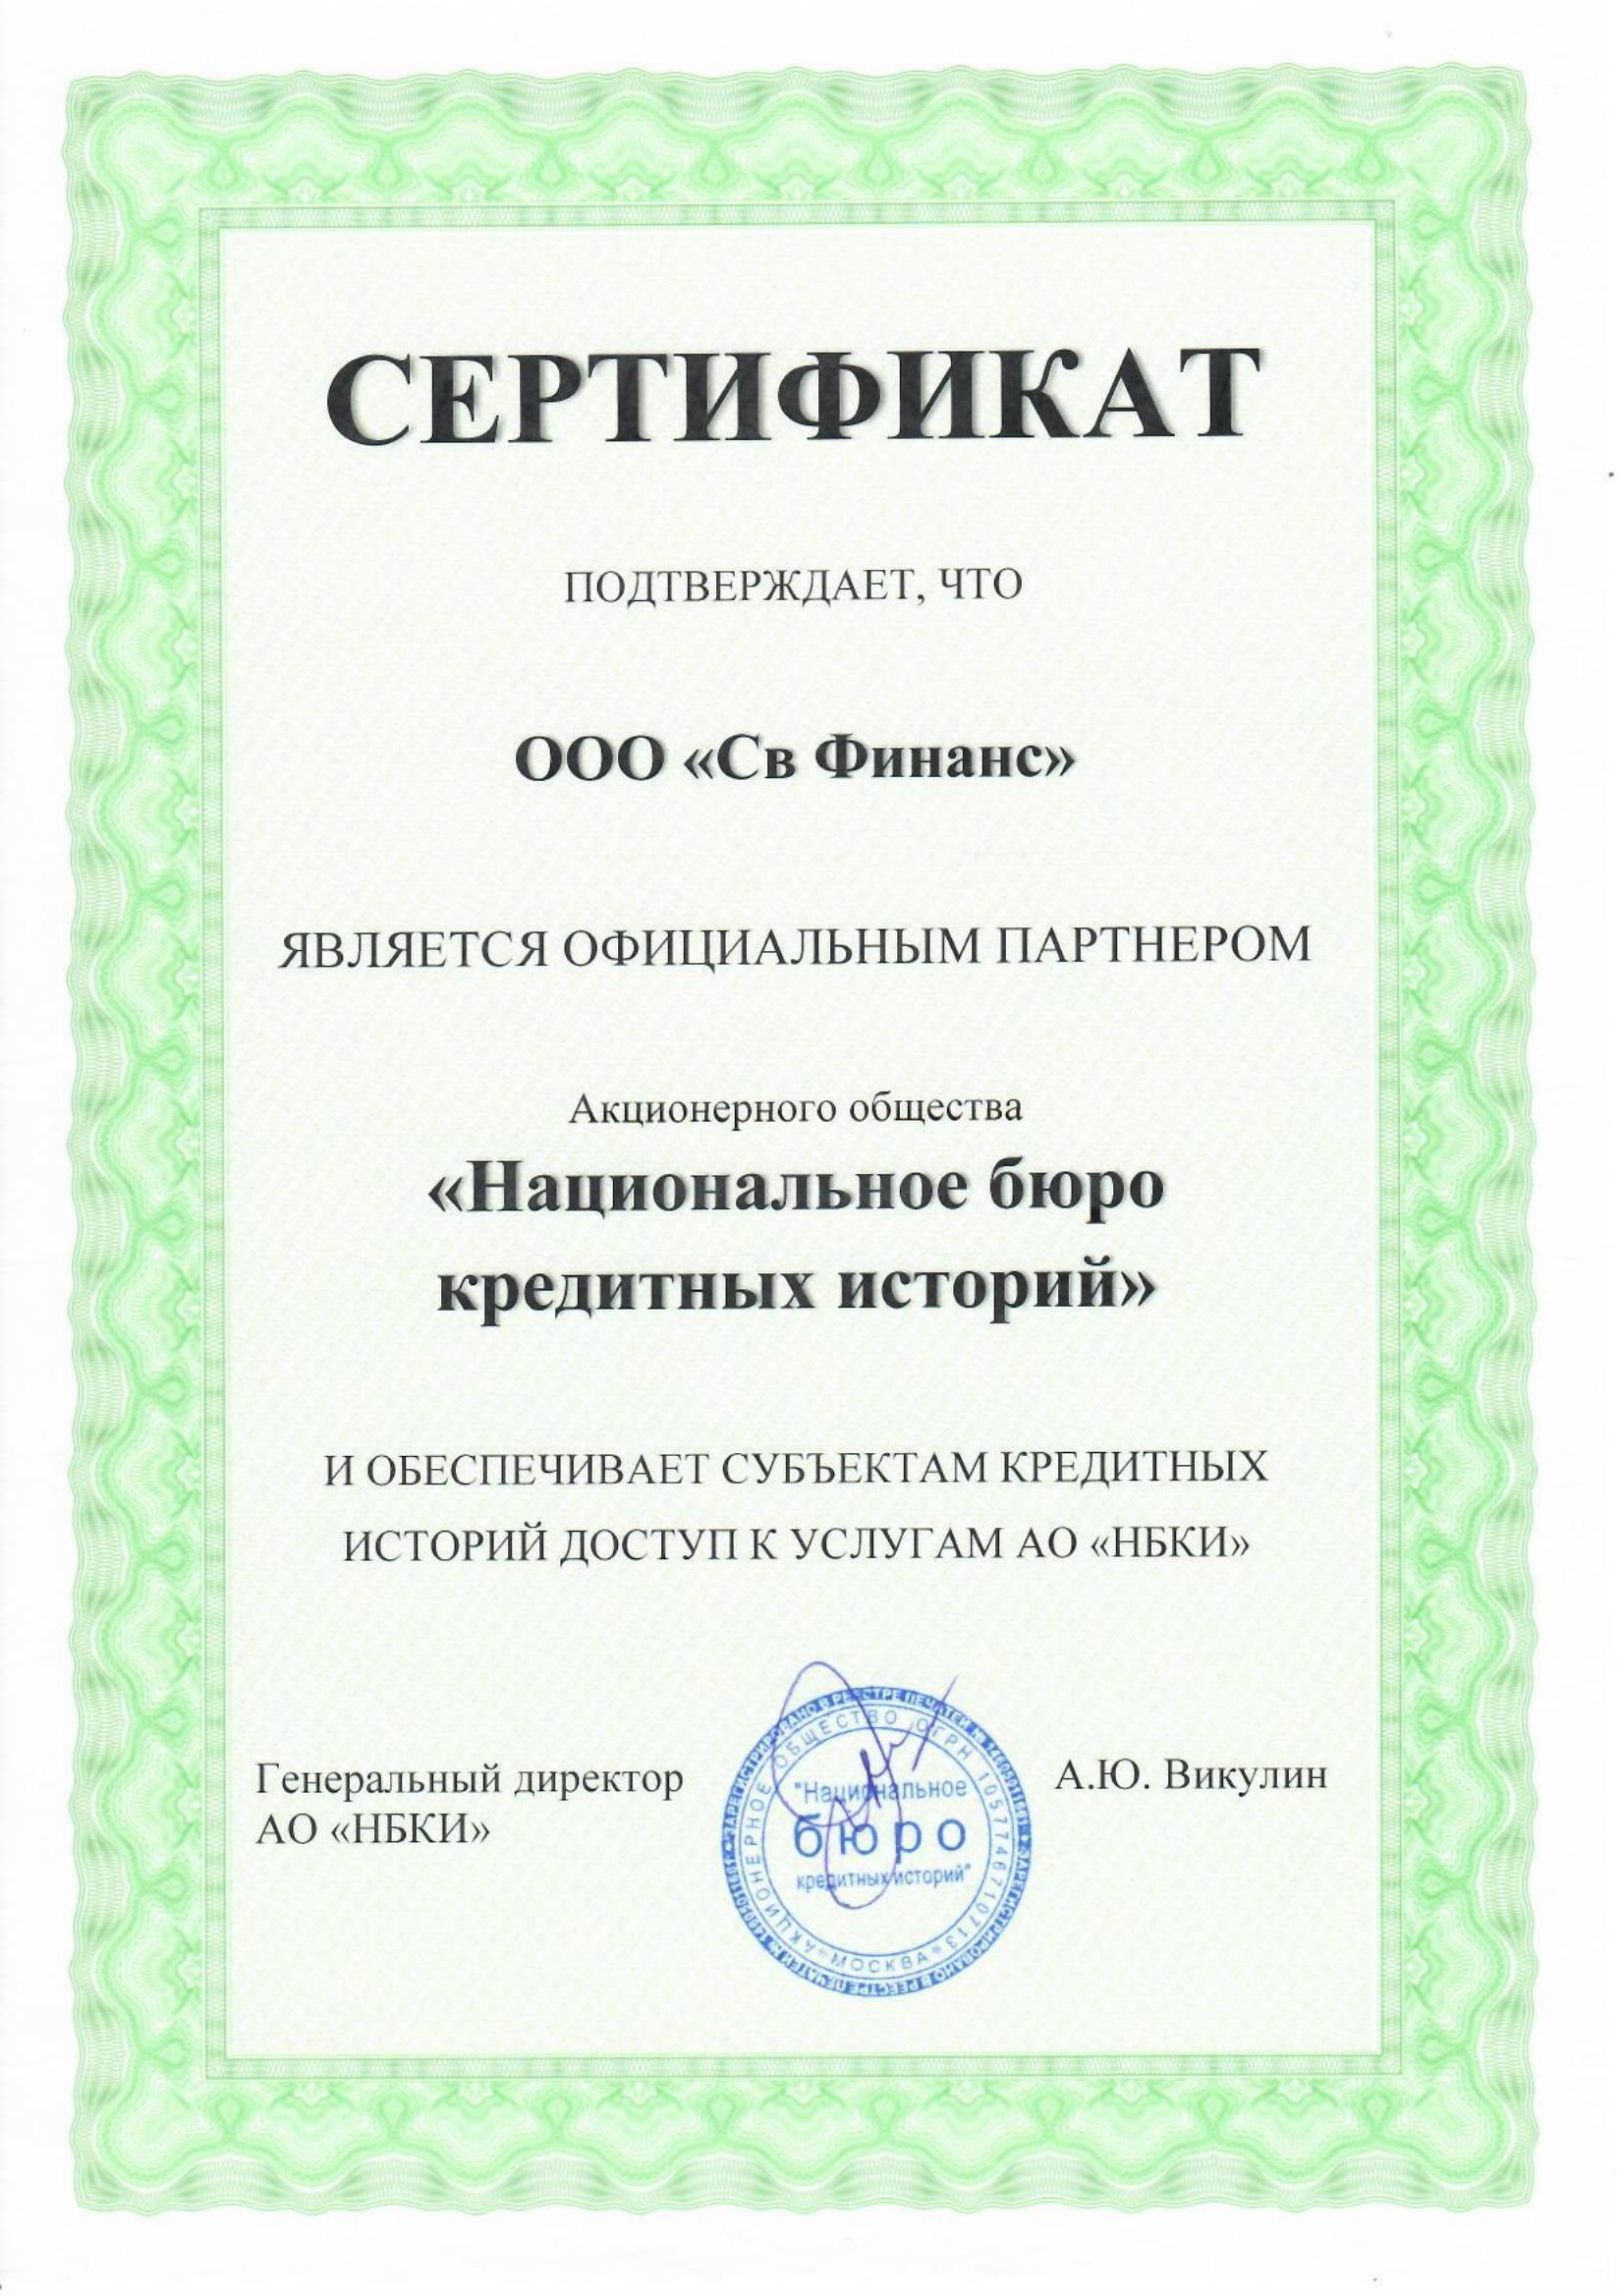 НБКИ Сертфикат-1